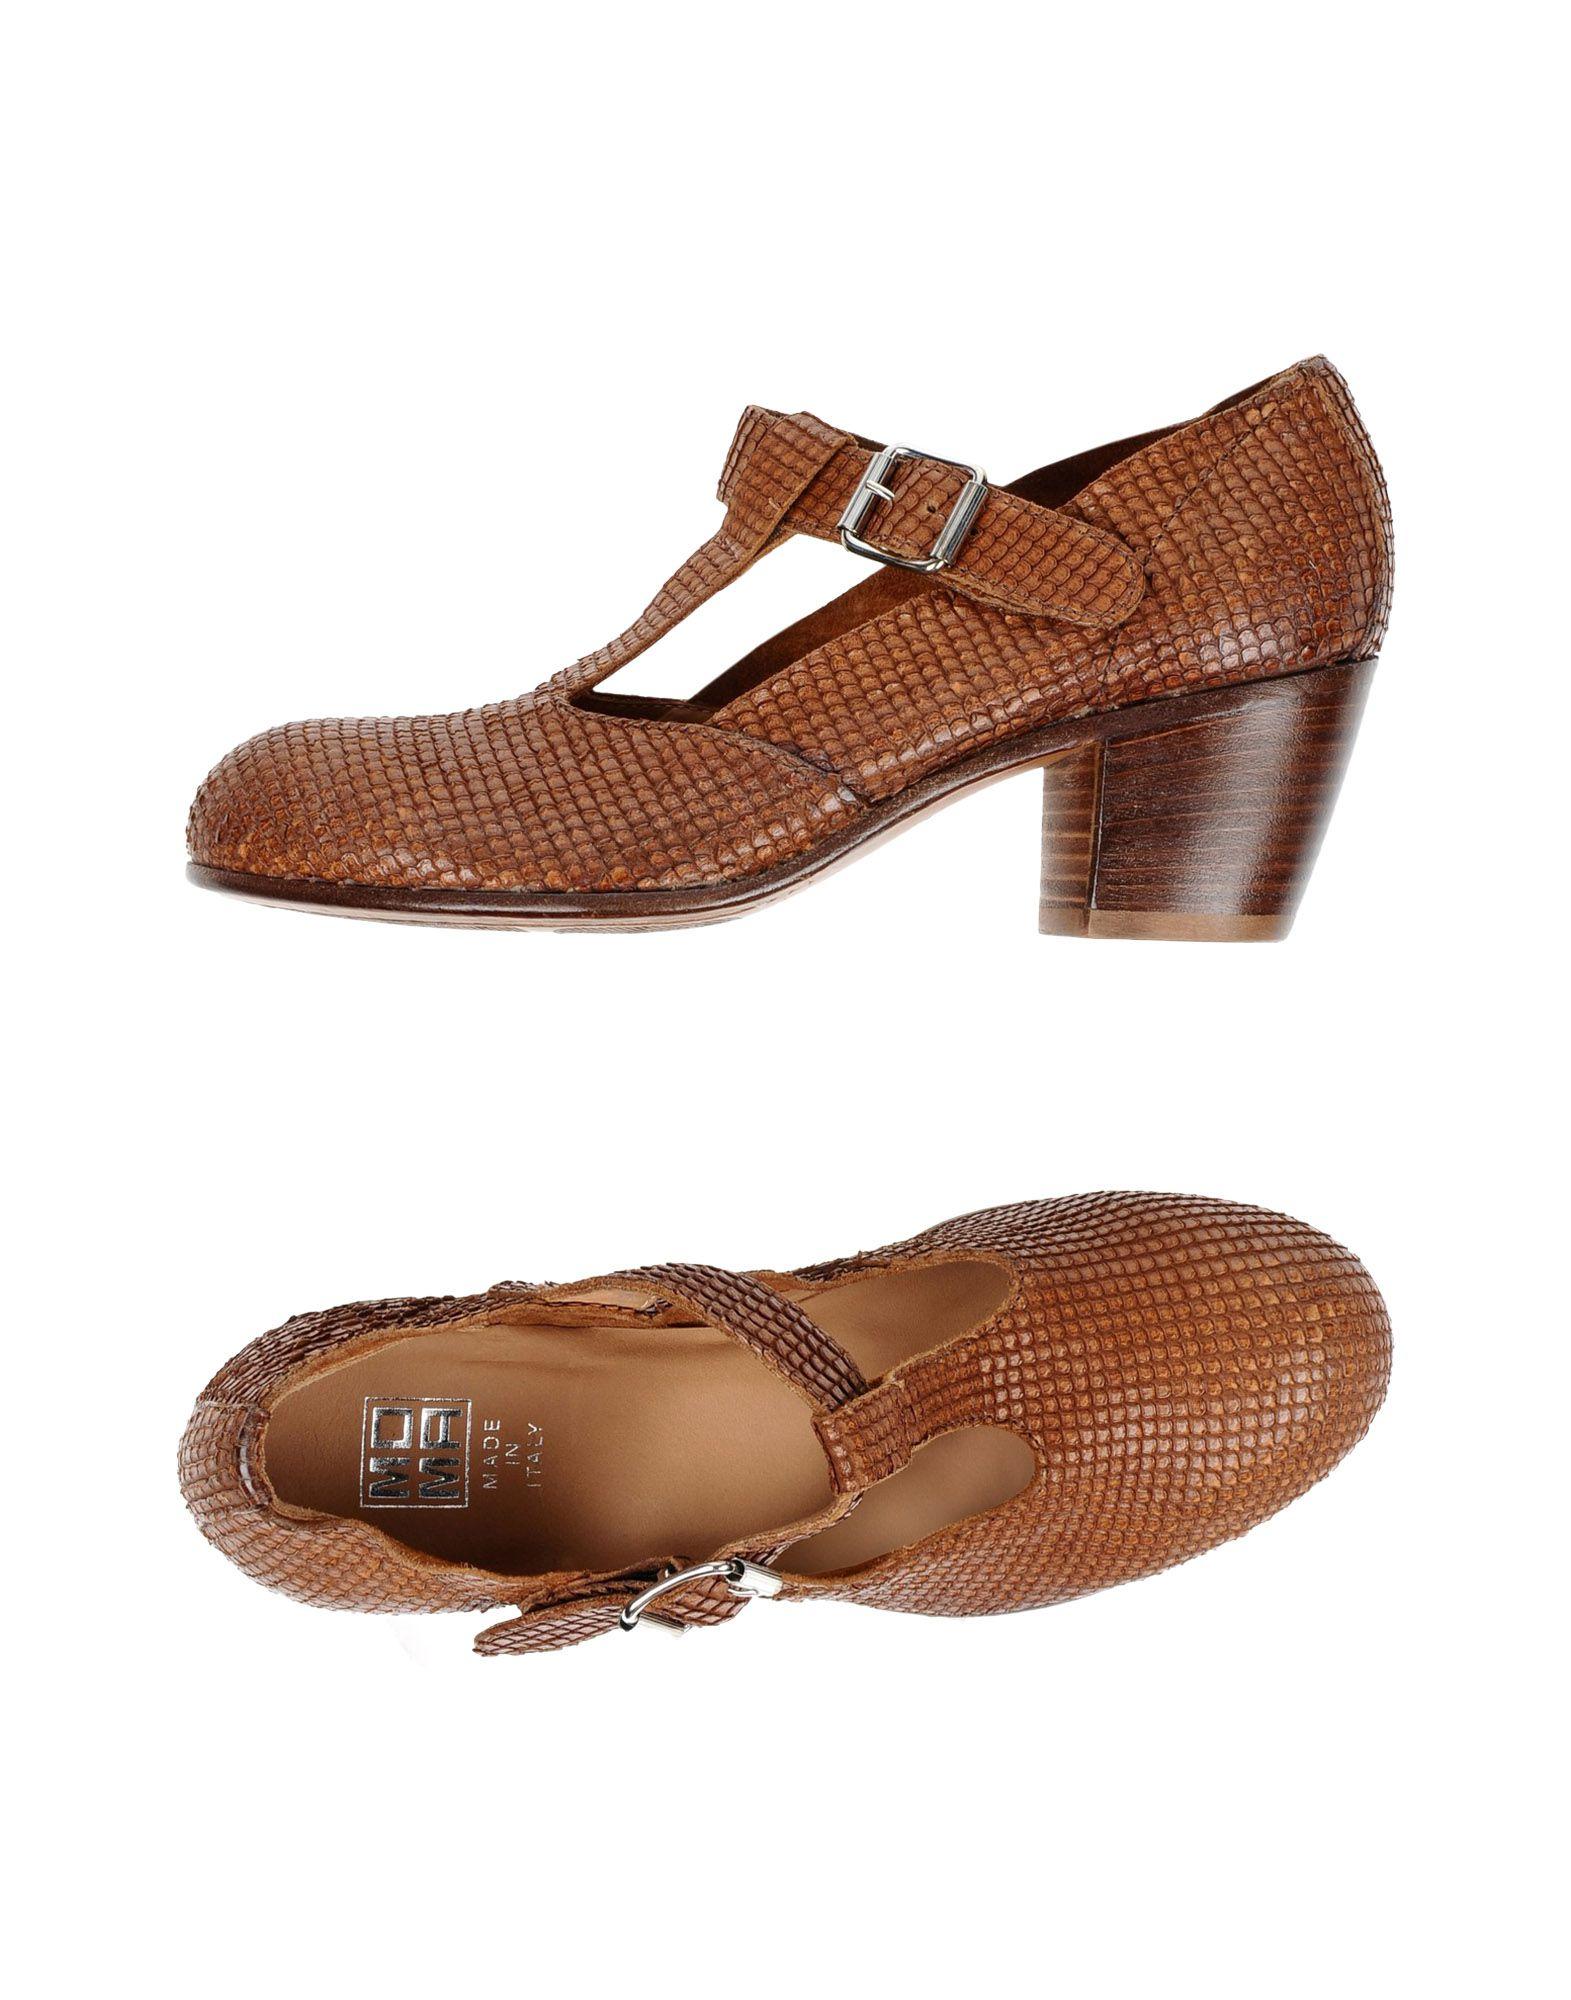 Sandali Belstaff Donna - 11535559LP Scarpe economiche e buone